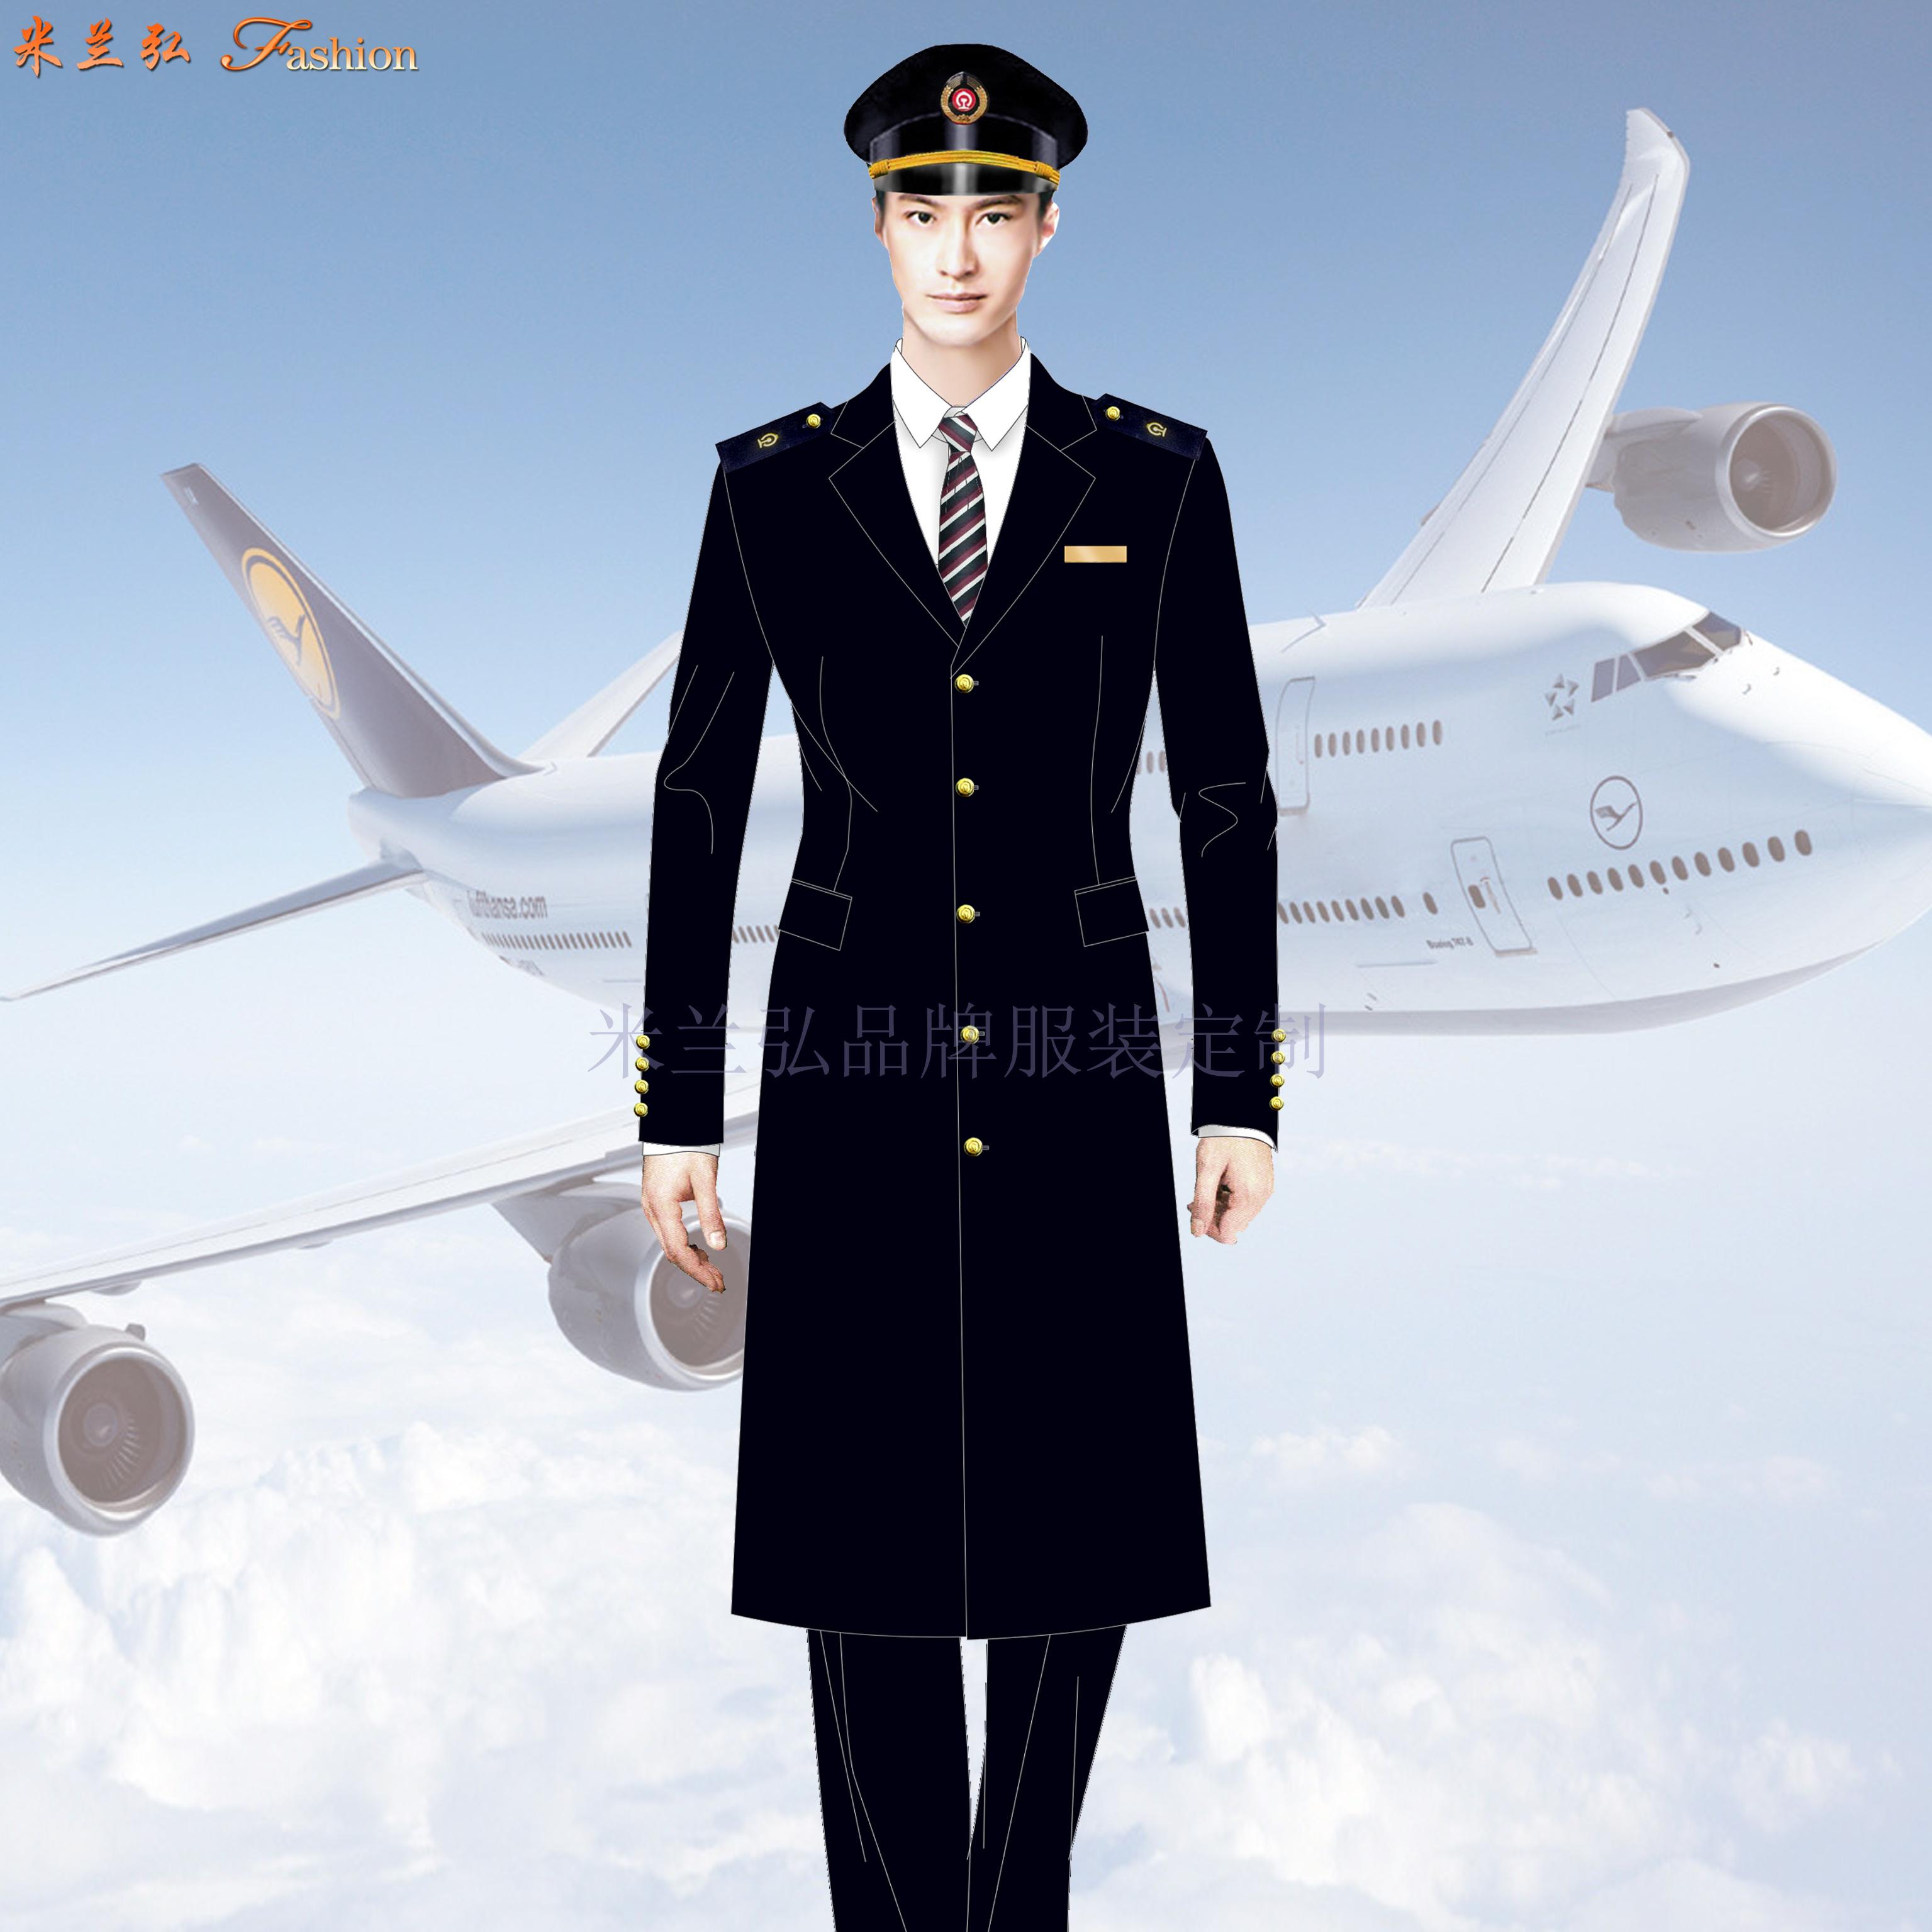 「航空大衣定制」「空姐羊毛大衣定做」「航空機長大衣訂制」-3